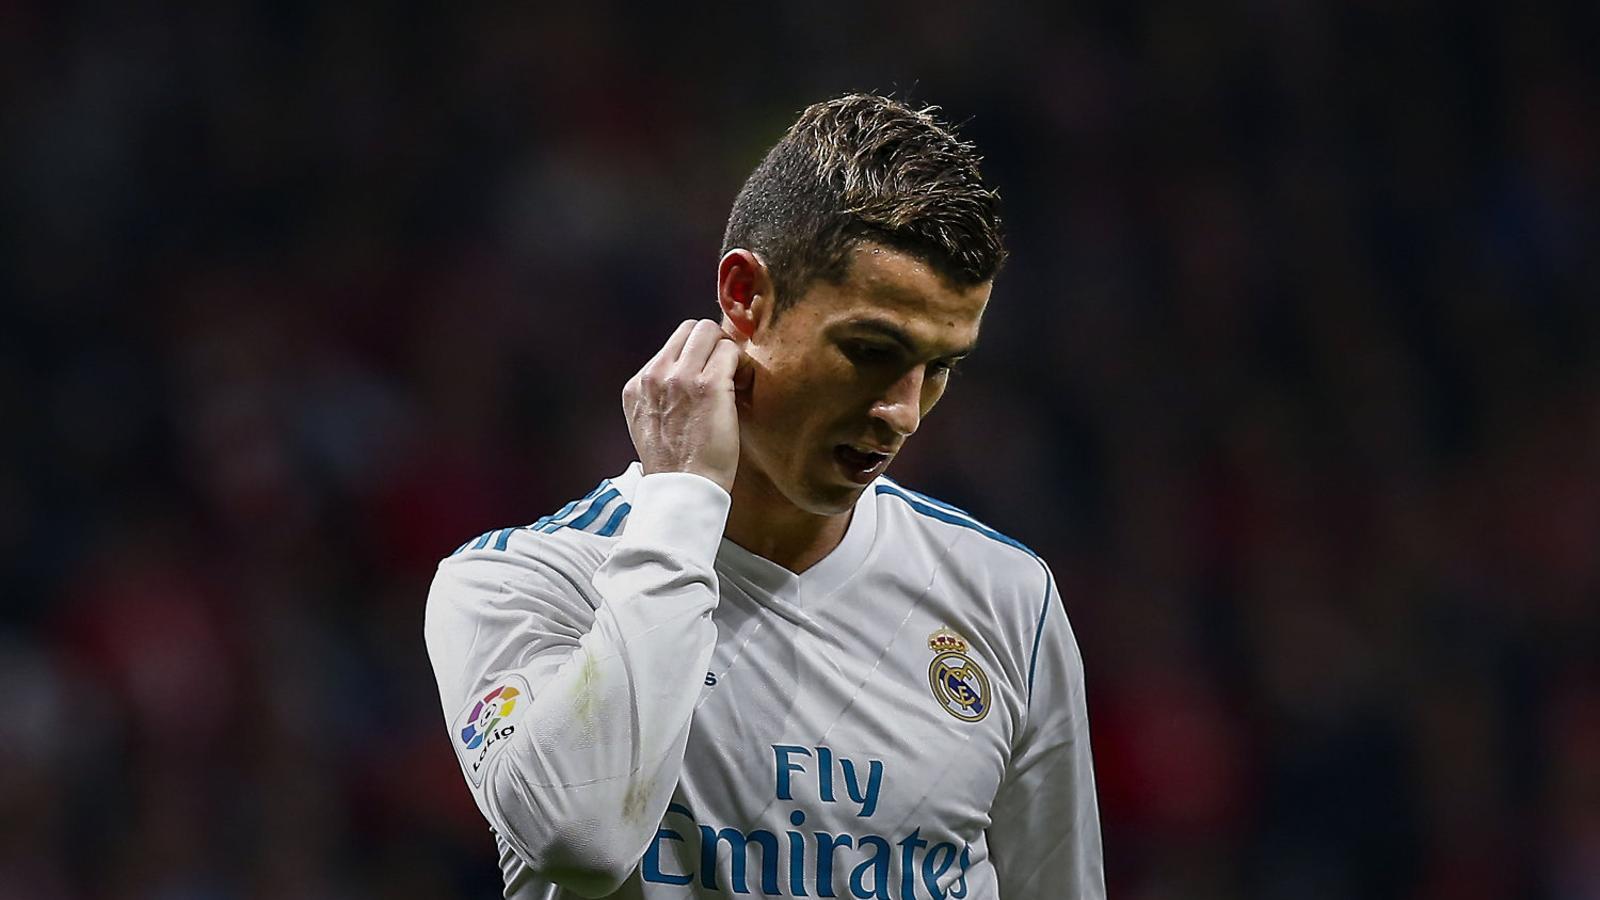 Cristiano Ronaldo decebut després del derbi contra l'Atlètic de Madrid en què no va poder marcar.